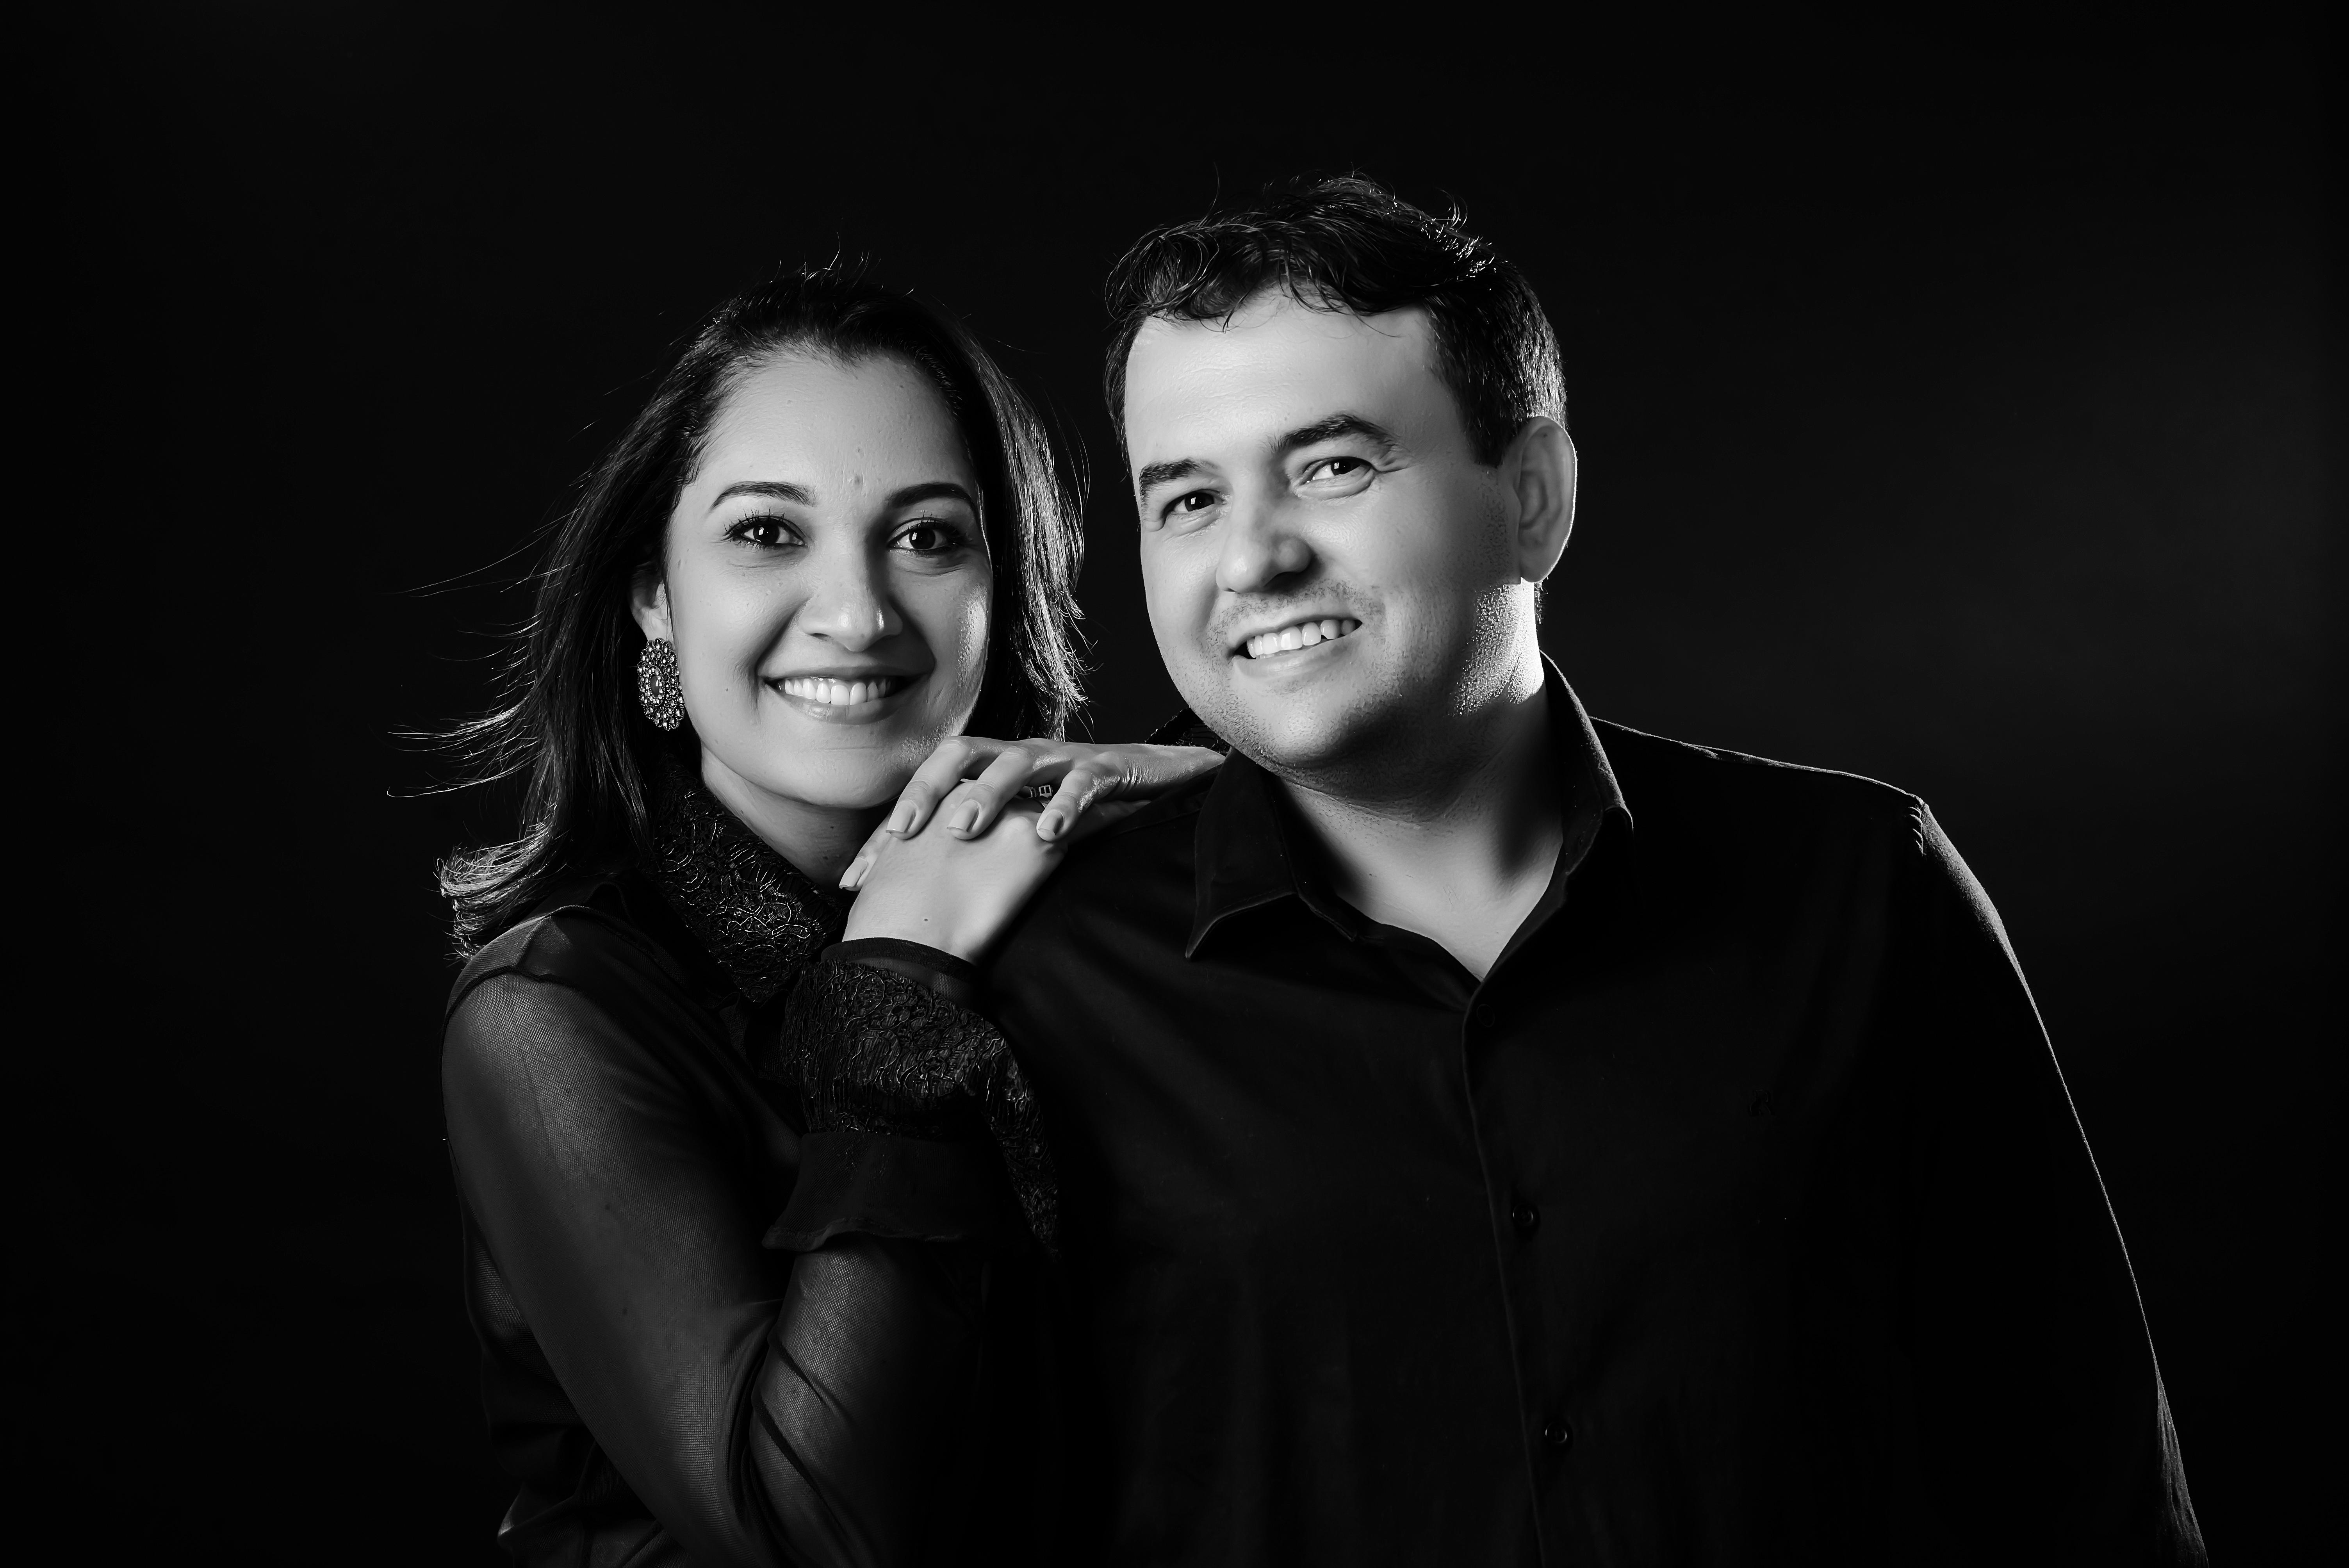 Sobre Ailton Pimenta Fotografias fotografo no espirito santo fotos de casamento, ensaios, 15 anos, ensaios de casal e gestante